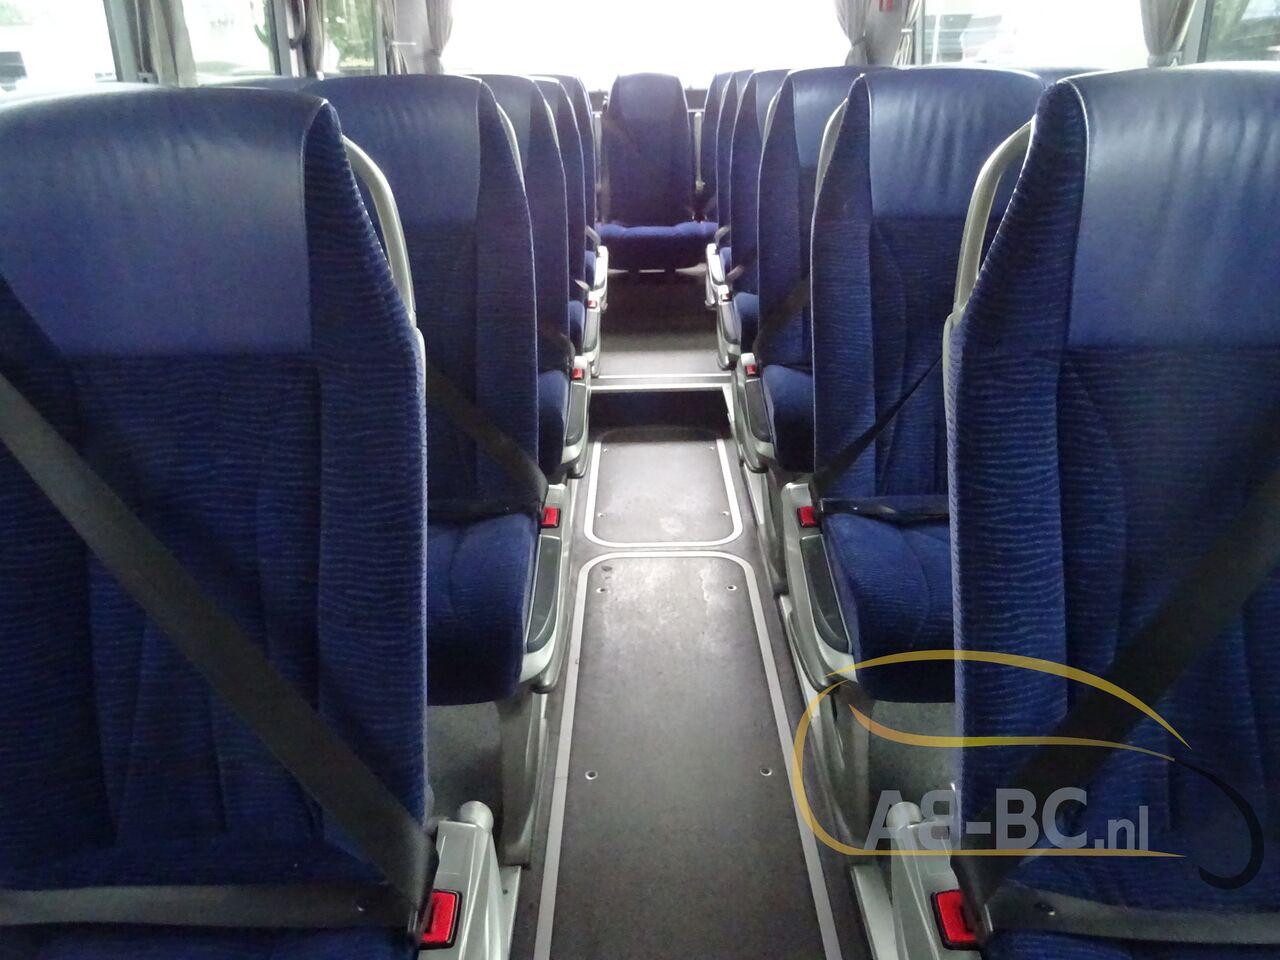 coach-busSETRA-S415-GT-HD-FINAL-EDITION---1627457257310230228_big_18027c73ac301667c2d6581de9b1d993--21050713010665719300